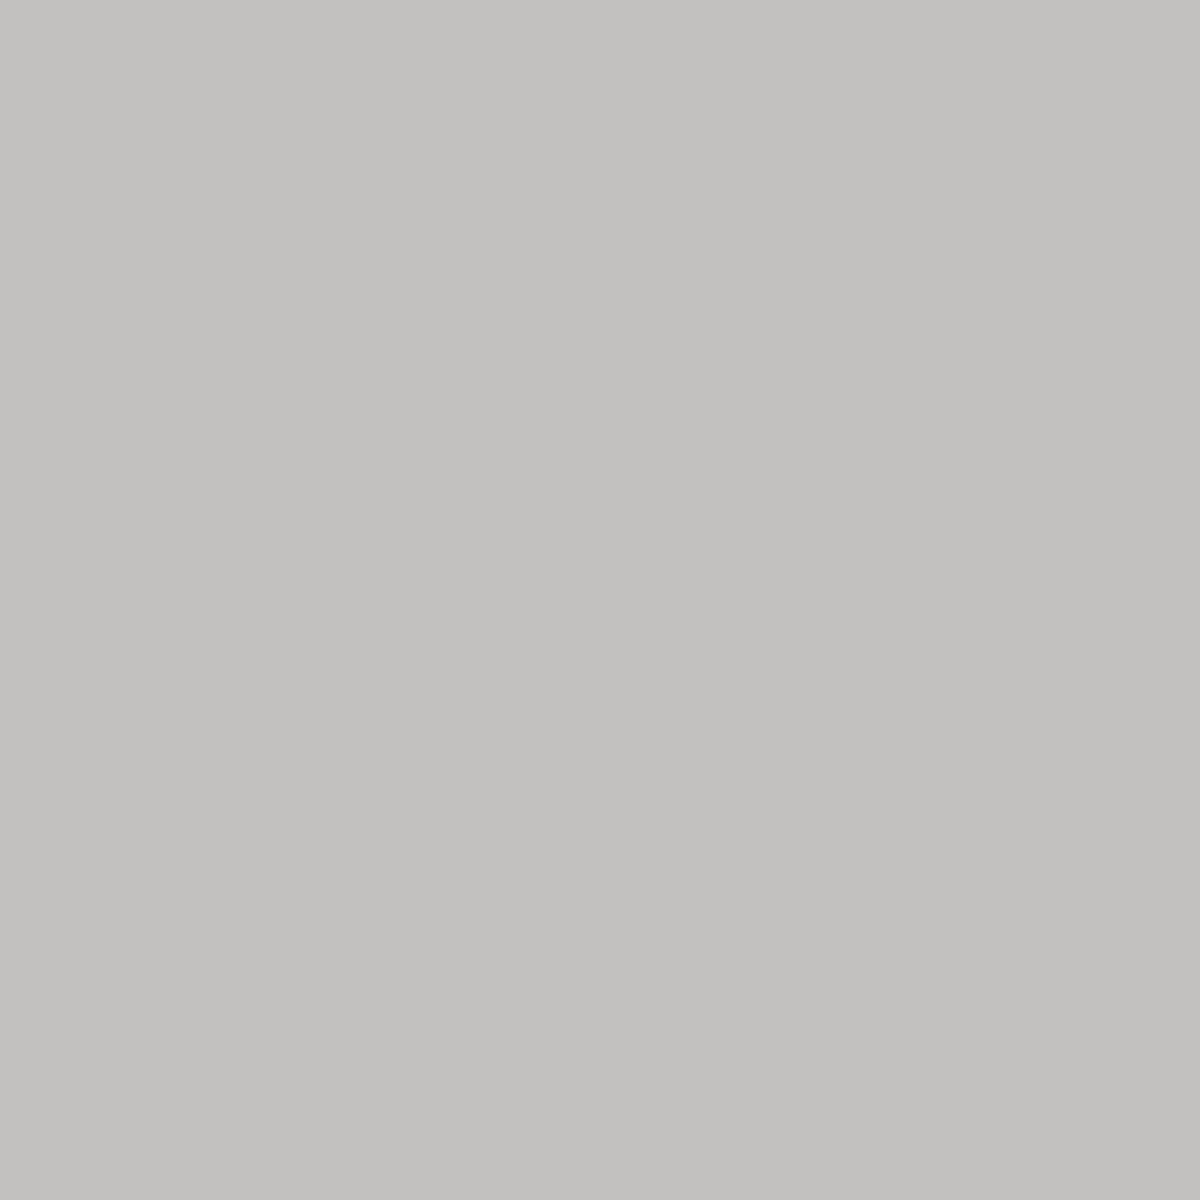 Tiles - PURE - Matt Light Grey 300x600mm (8 pieces)